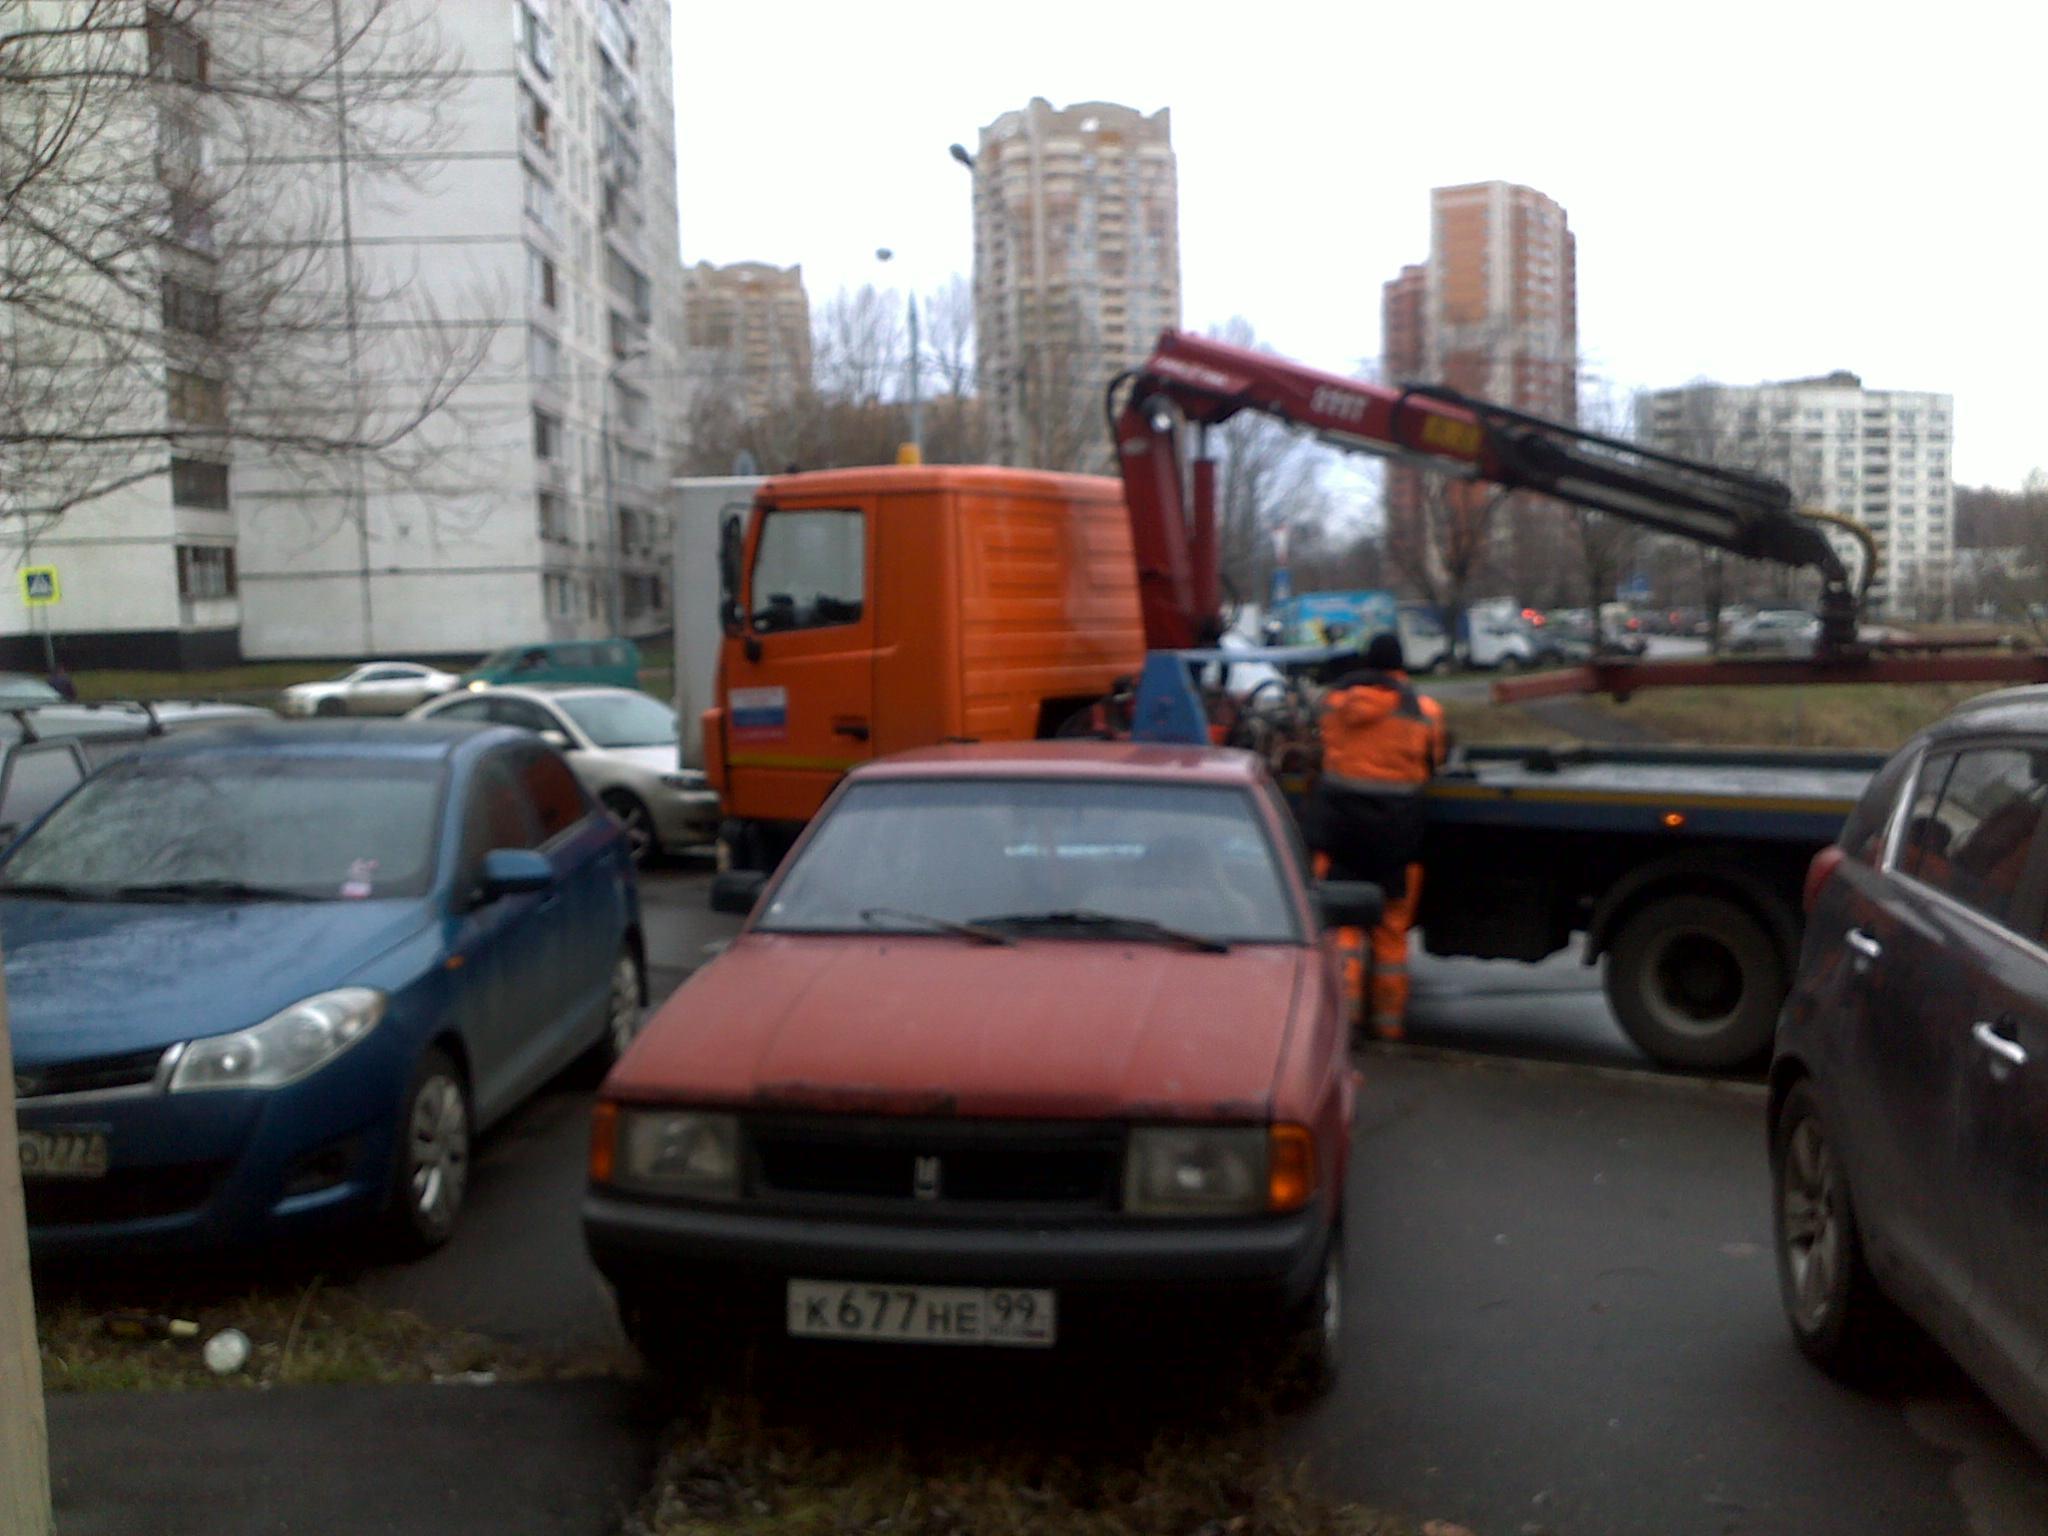 Фото-фиксация (фото 3) момента попытки должностных лиц правительства Москвы злоупотребления юридическими полномочиями.